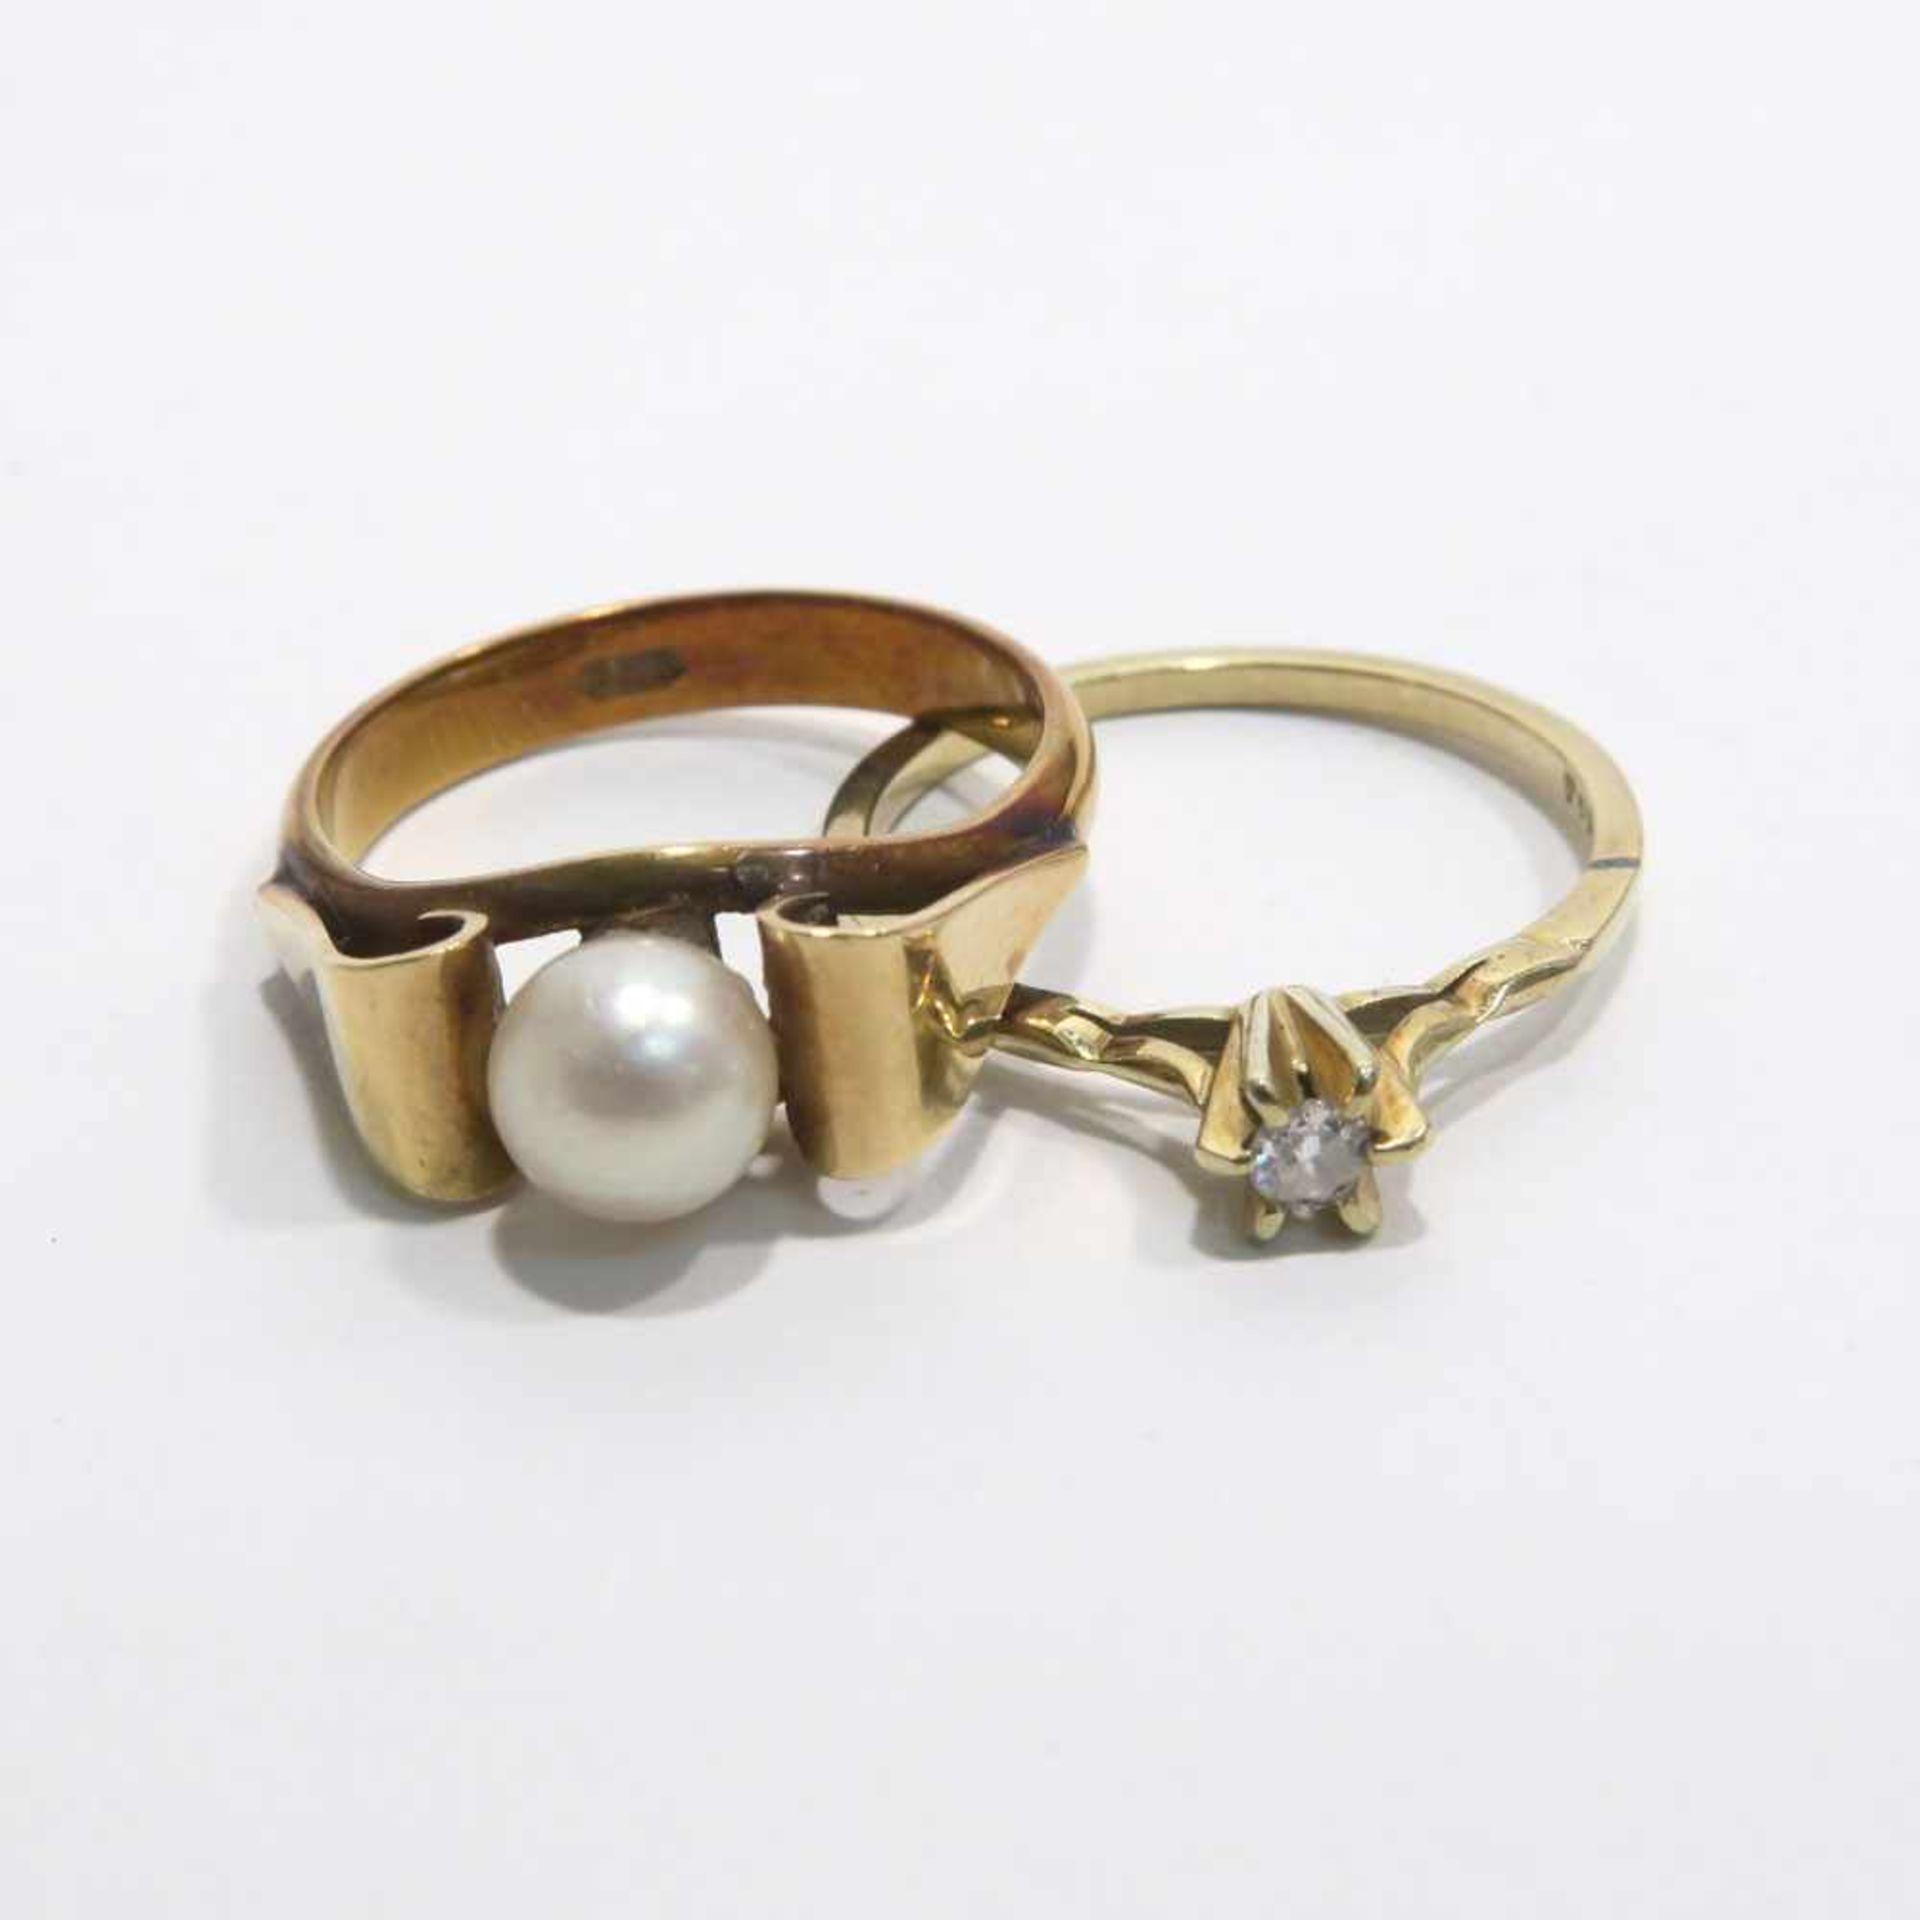 Zwei Ringe14 K GG, Marken (585). Mit einem Brillant bzw. einer Zuchtperle besetzt. Ringgröße 55 bzw.